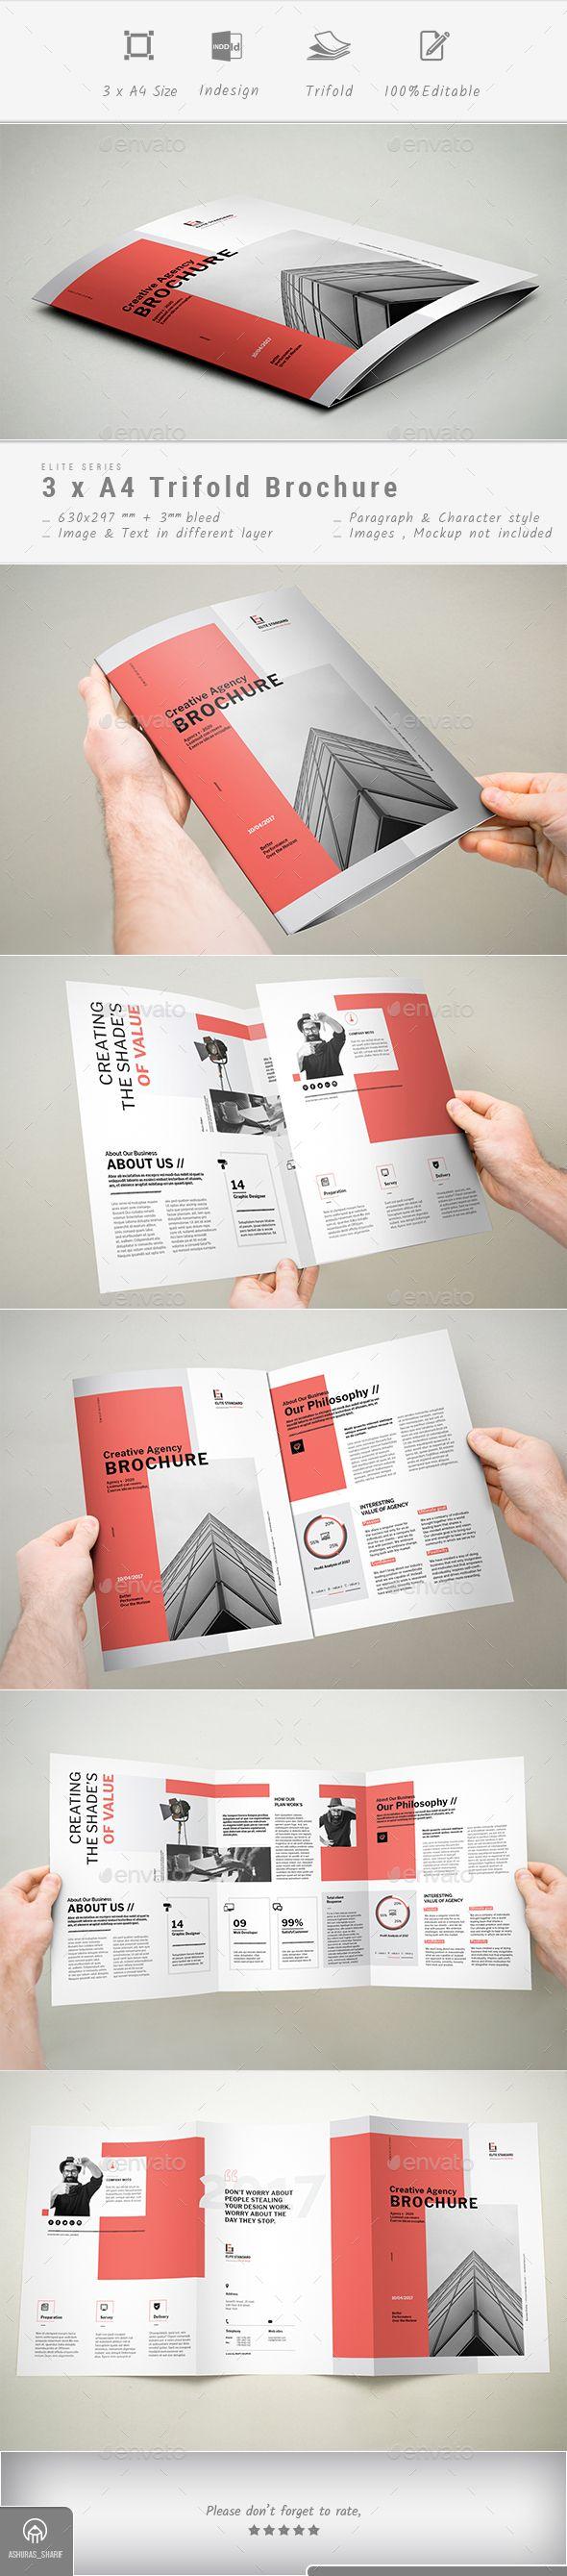 Trifold Brochure | Broschürendesign, Broschüren und Für sie